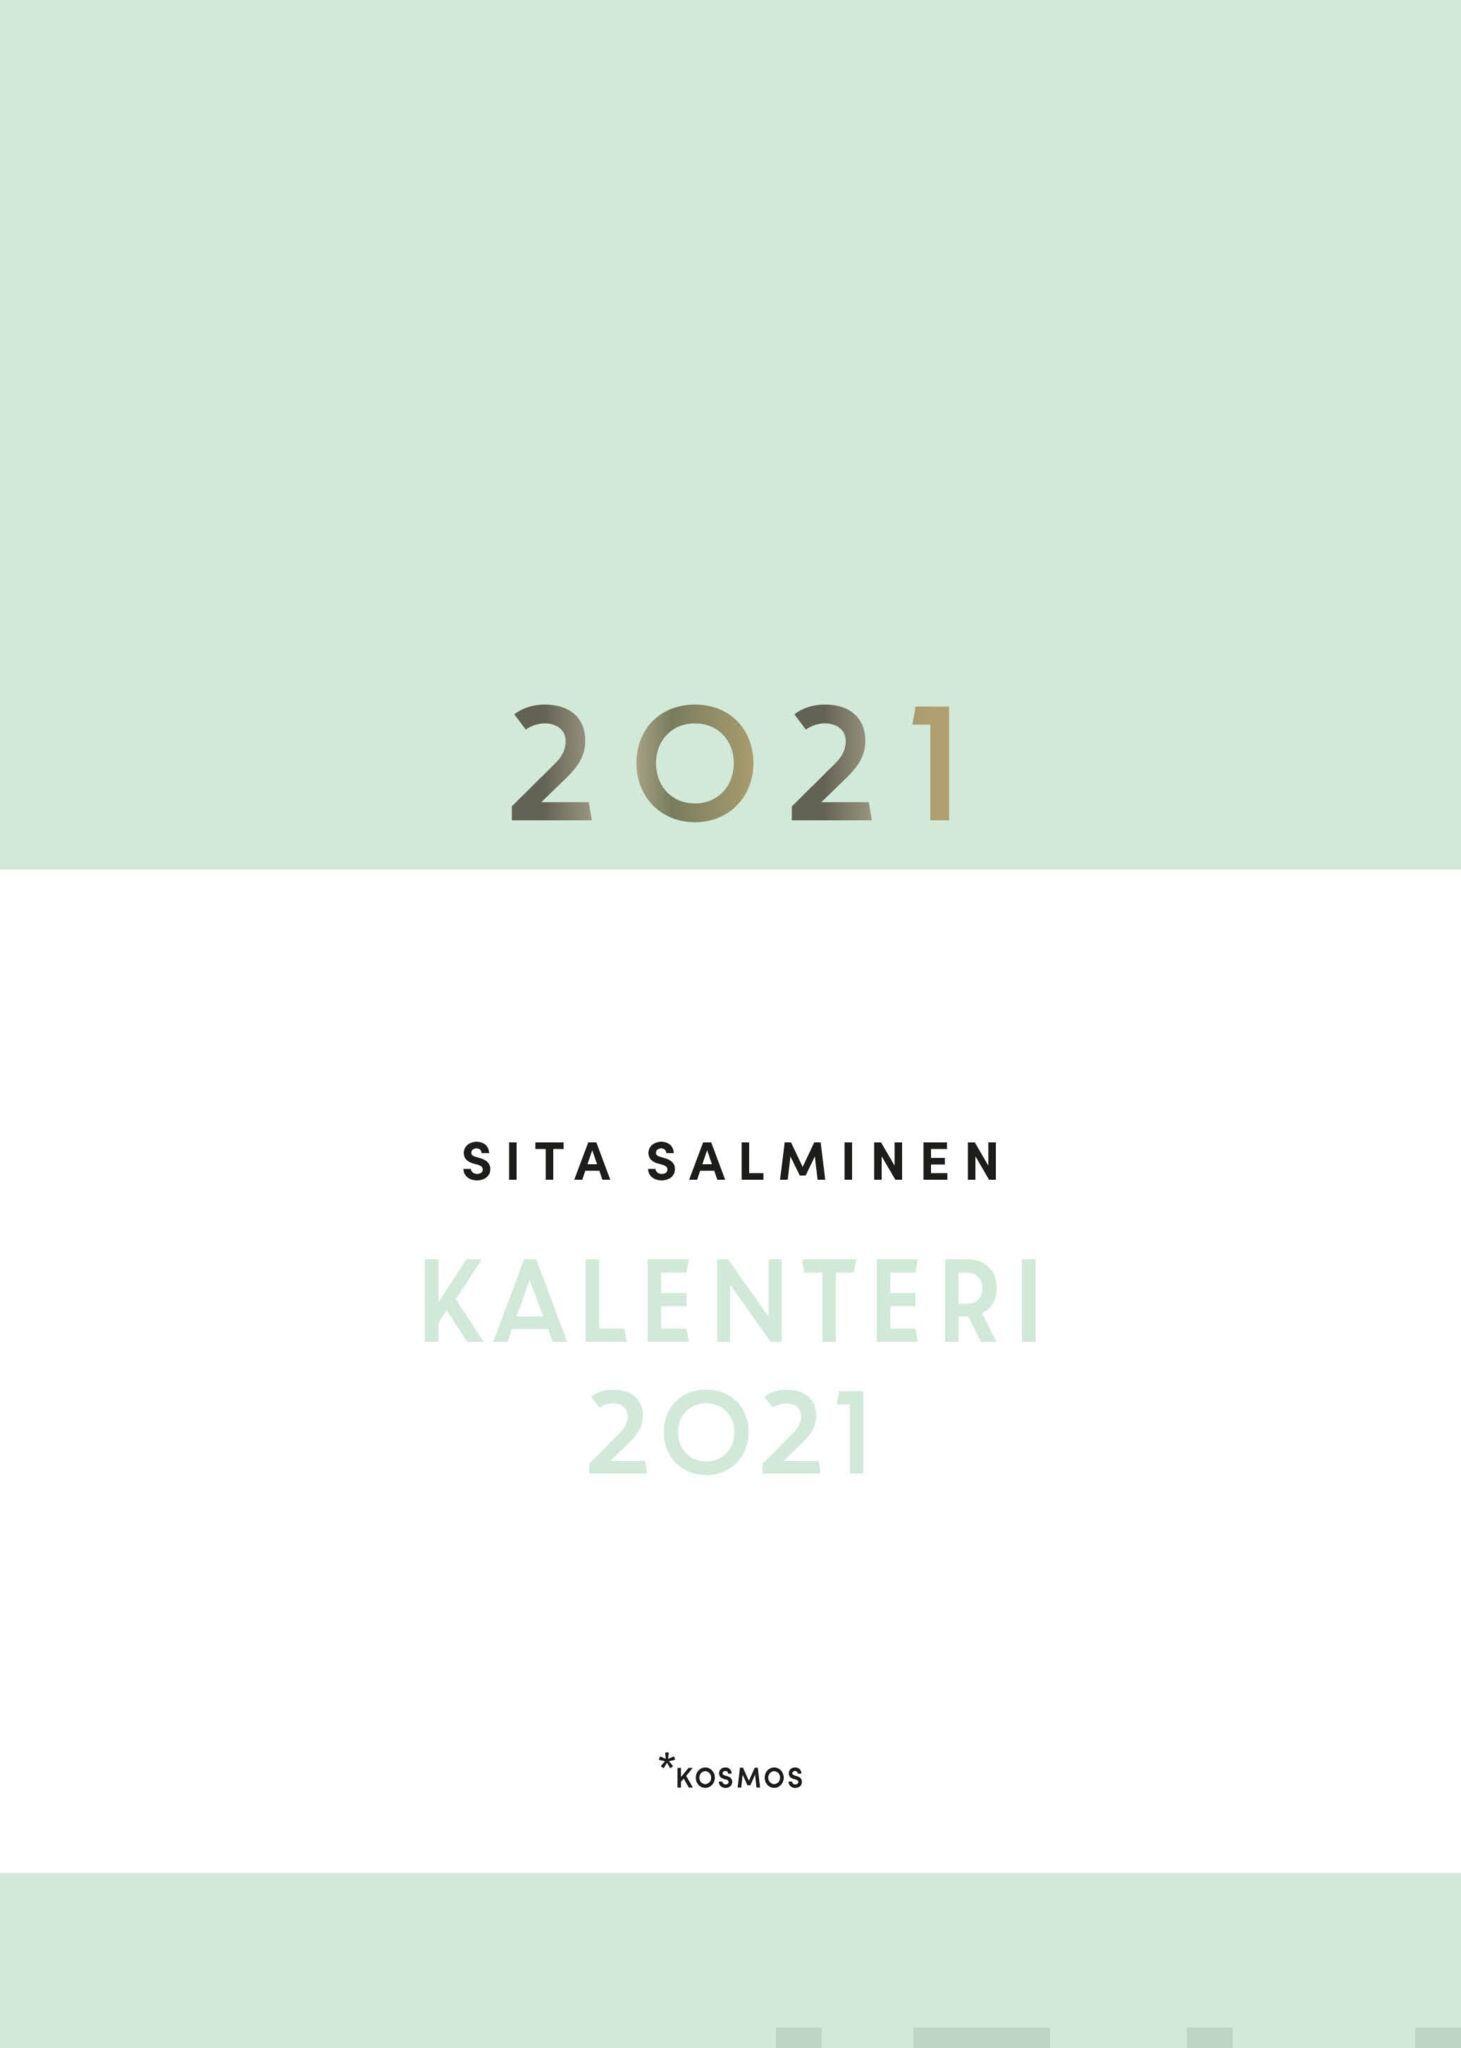 Sita Salminen 2021 kalenteri